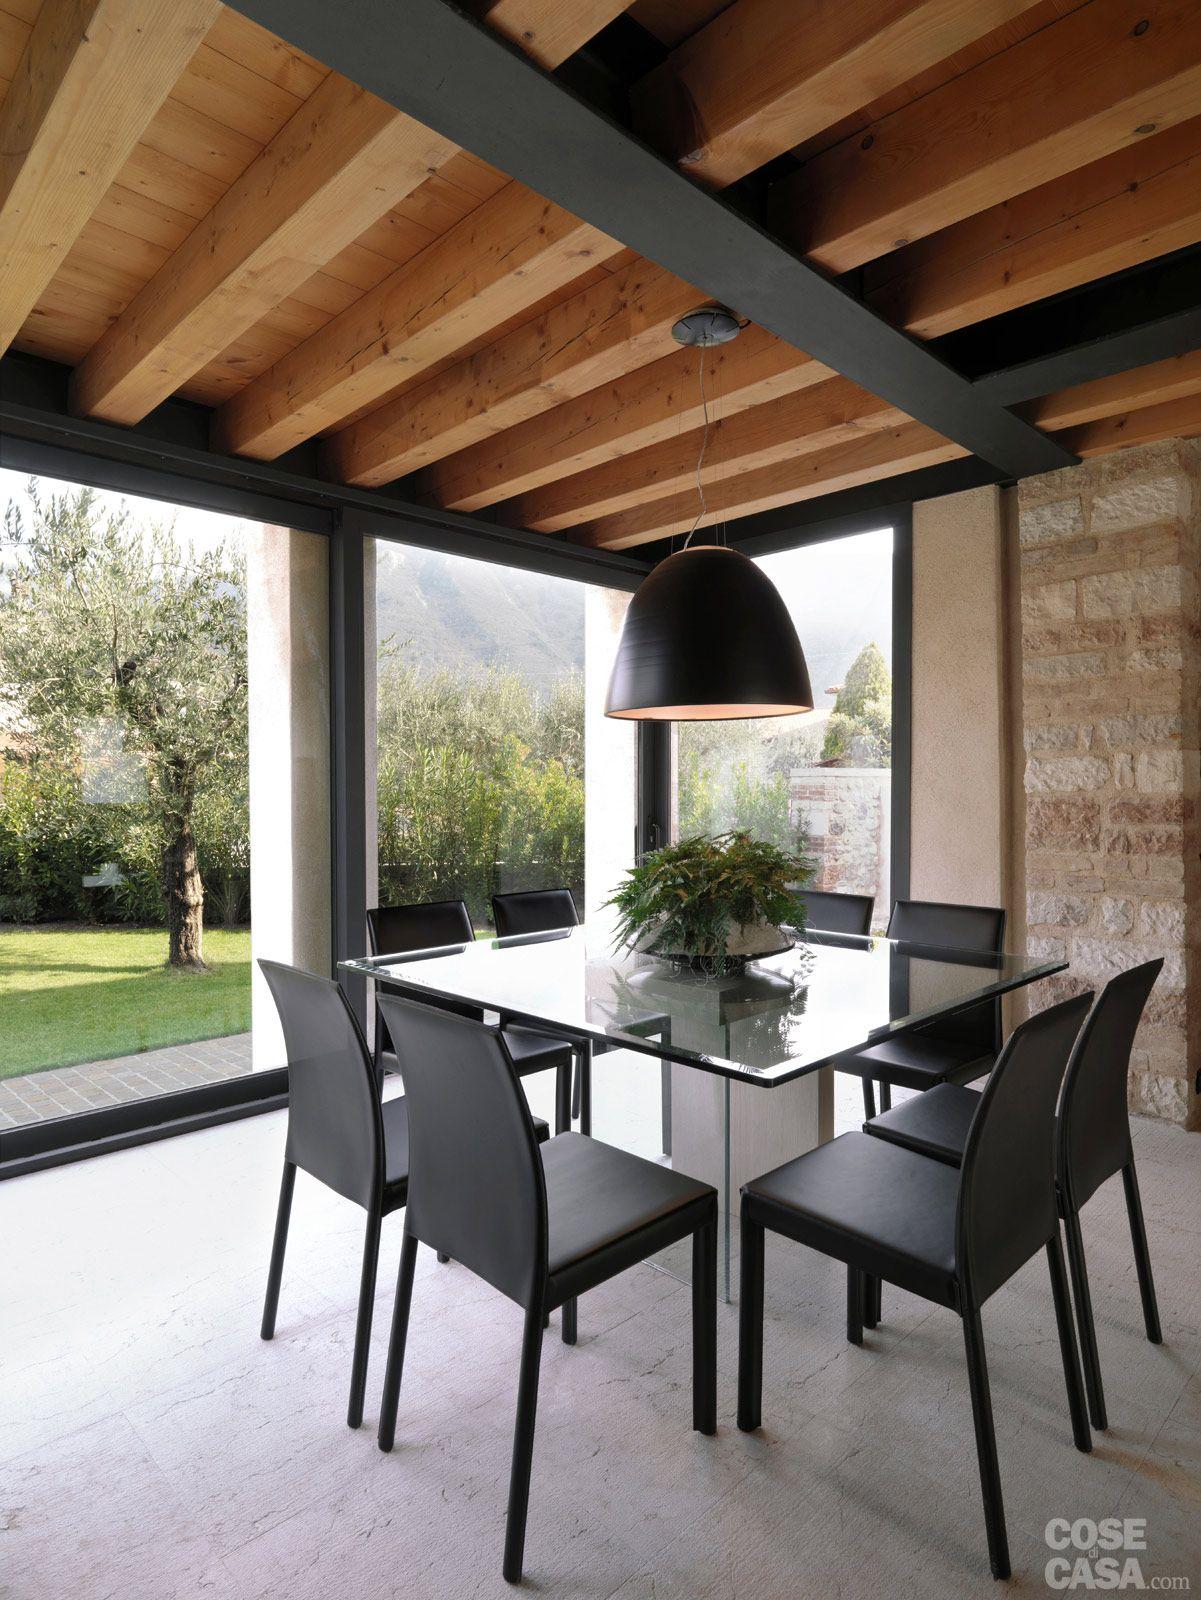 Legno e pietra a vista nella casa restaurata legno for Case in legno e pietra